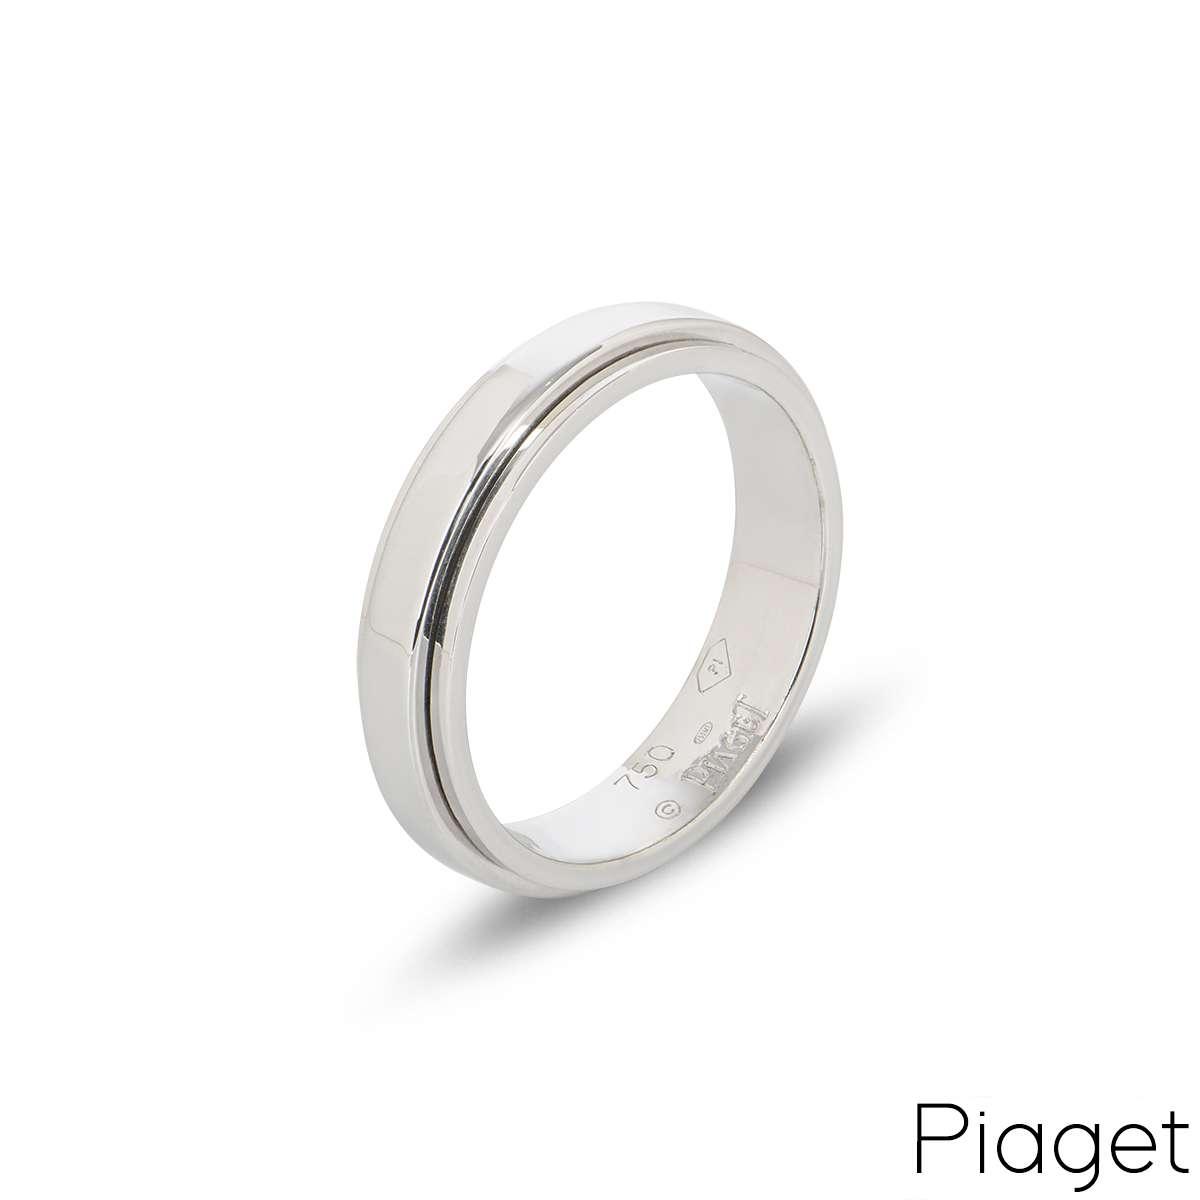 Piaget 18k White Gold Posession Ring B&P G34PK757